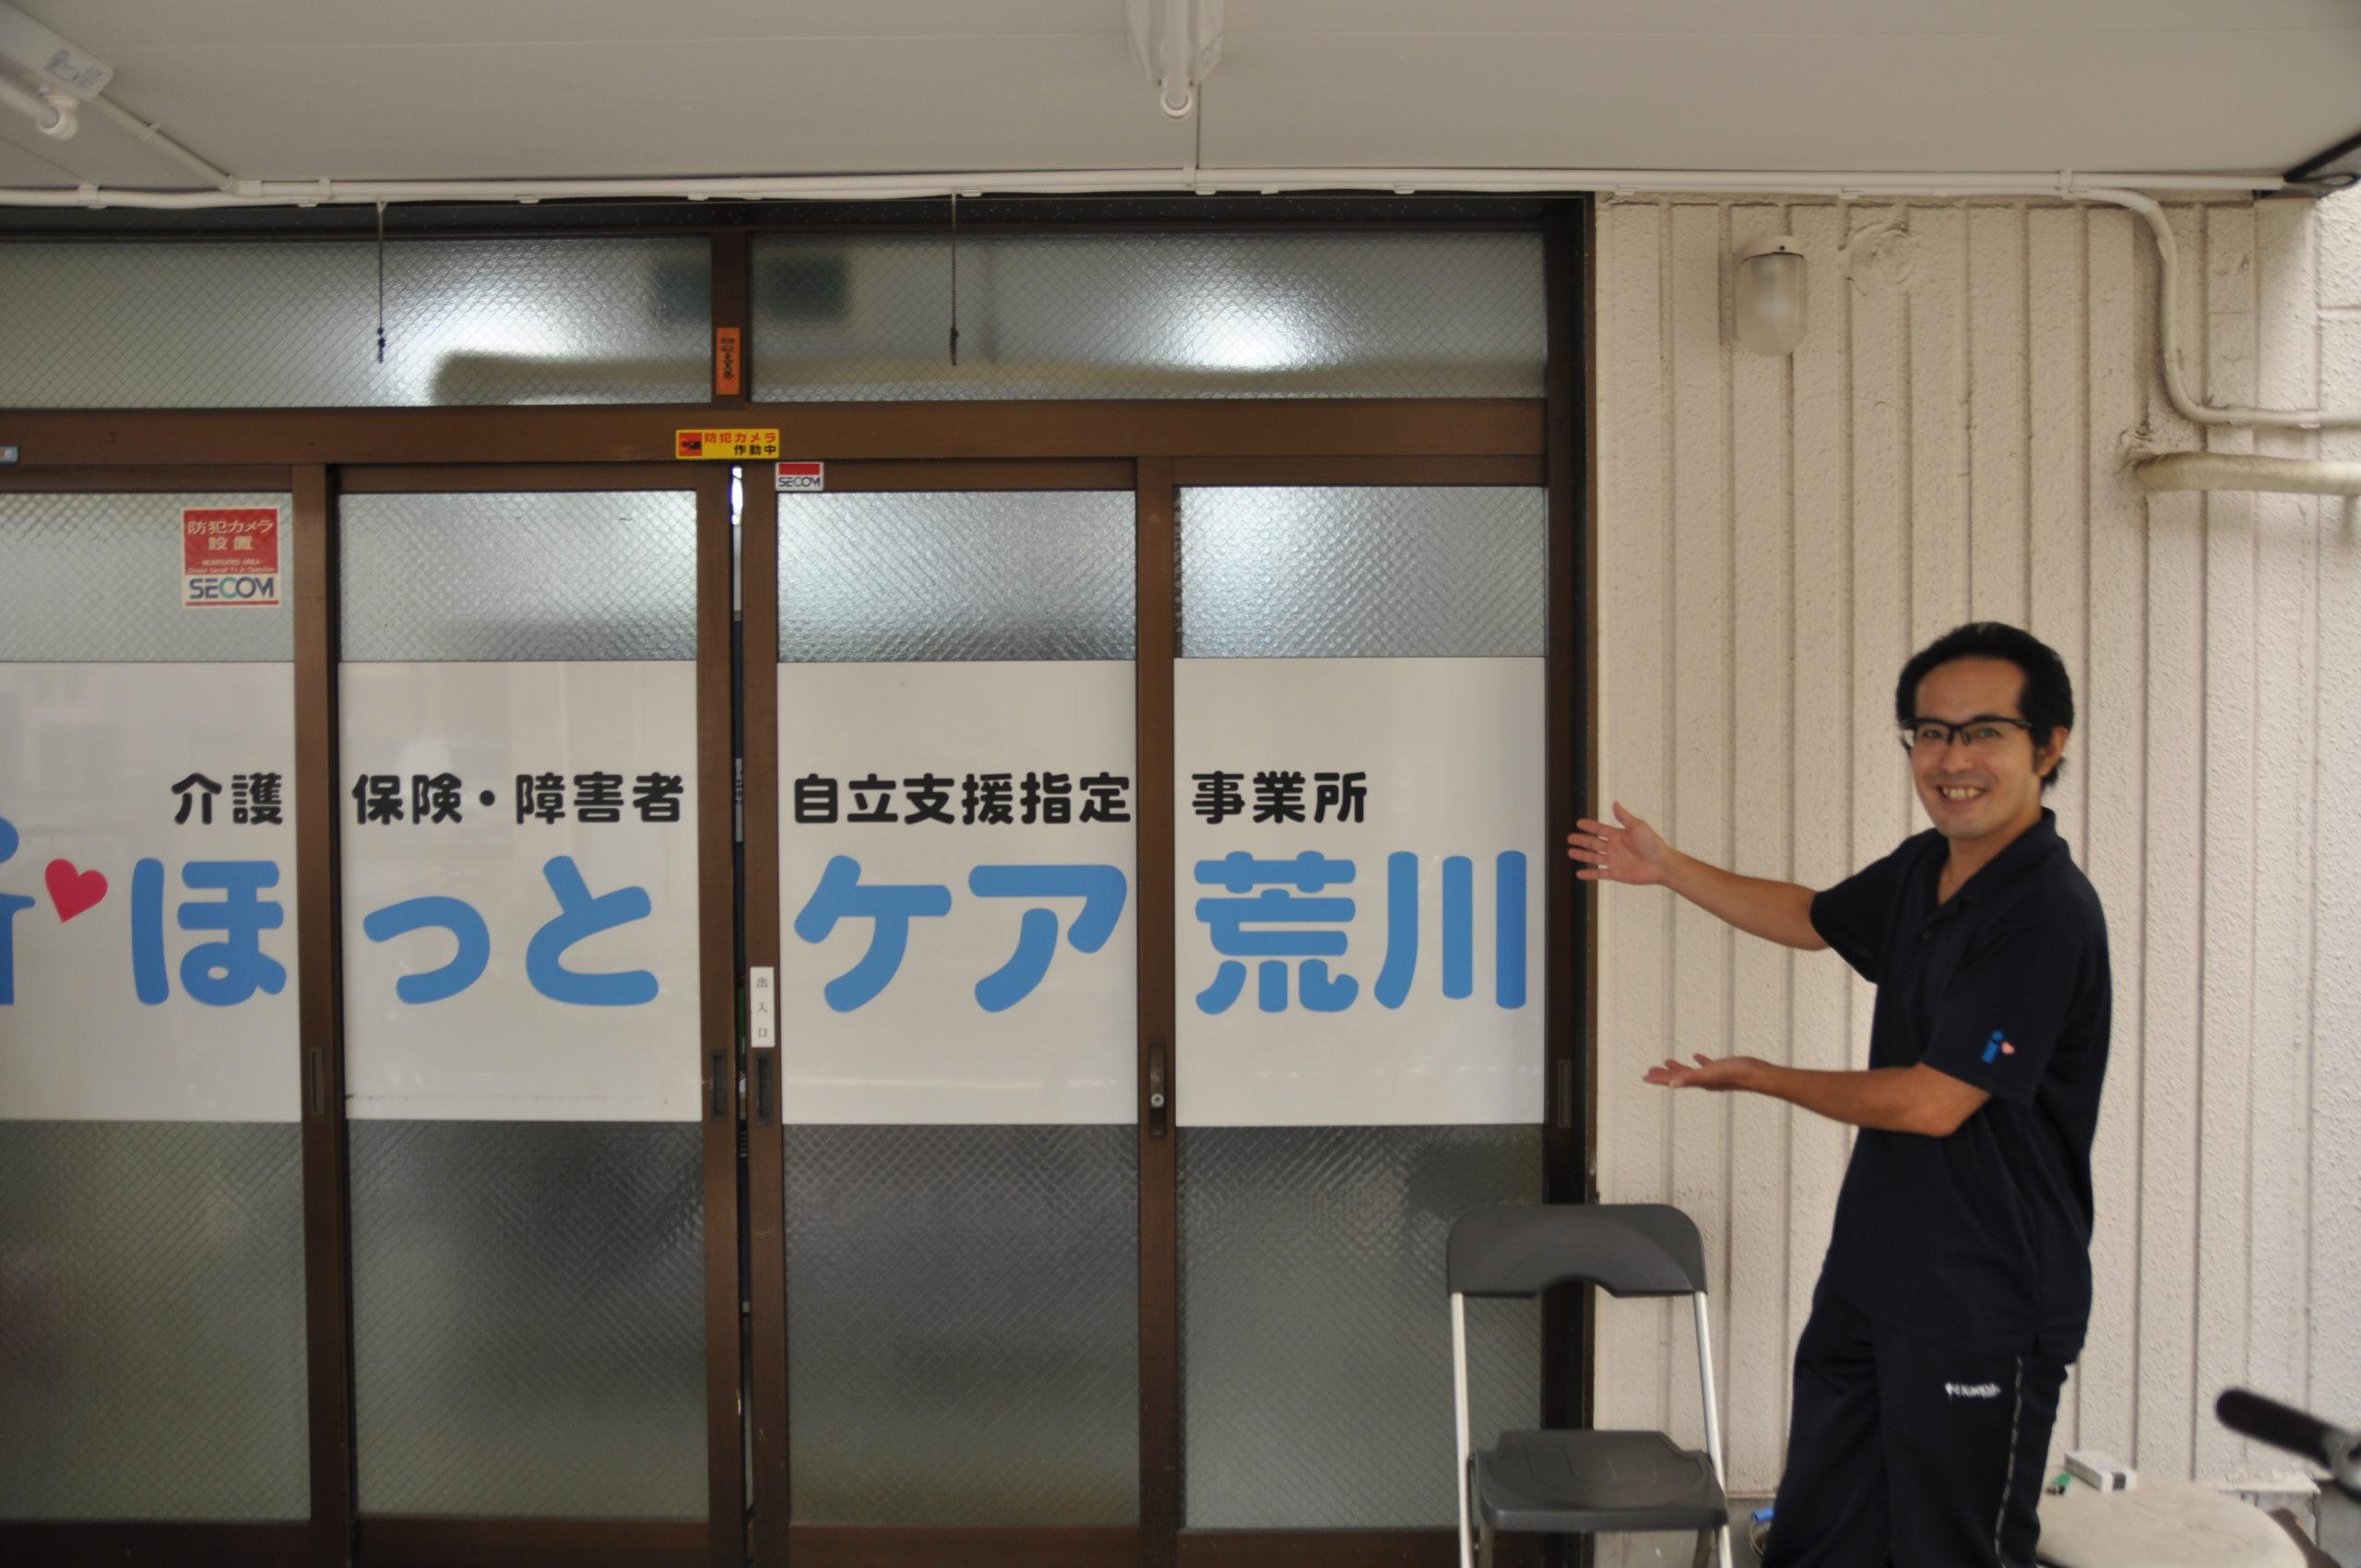 ほっとケア荒川<br>介護スタッフ 本村 さん